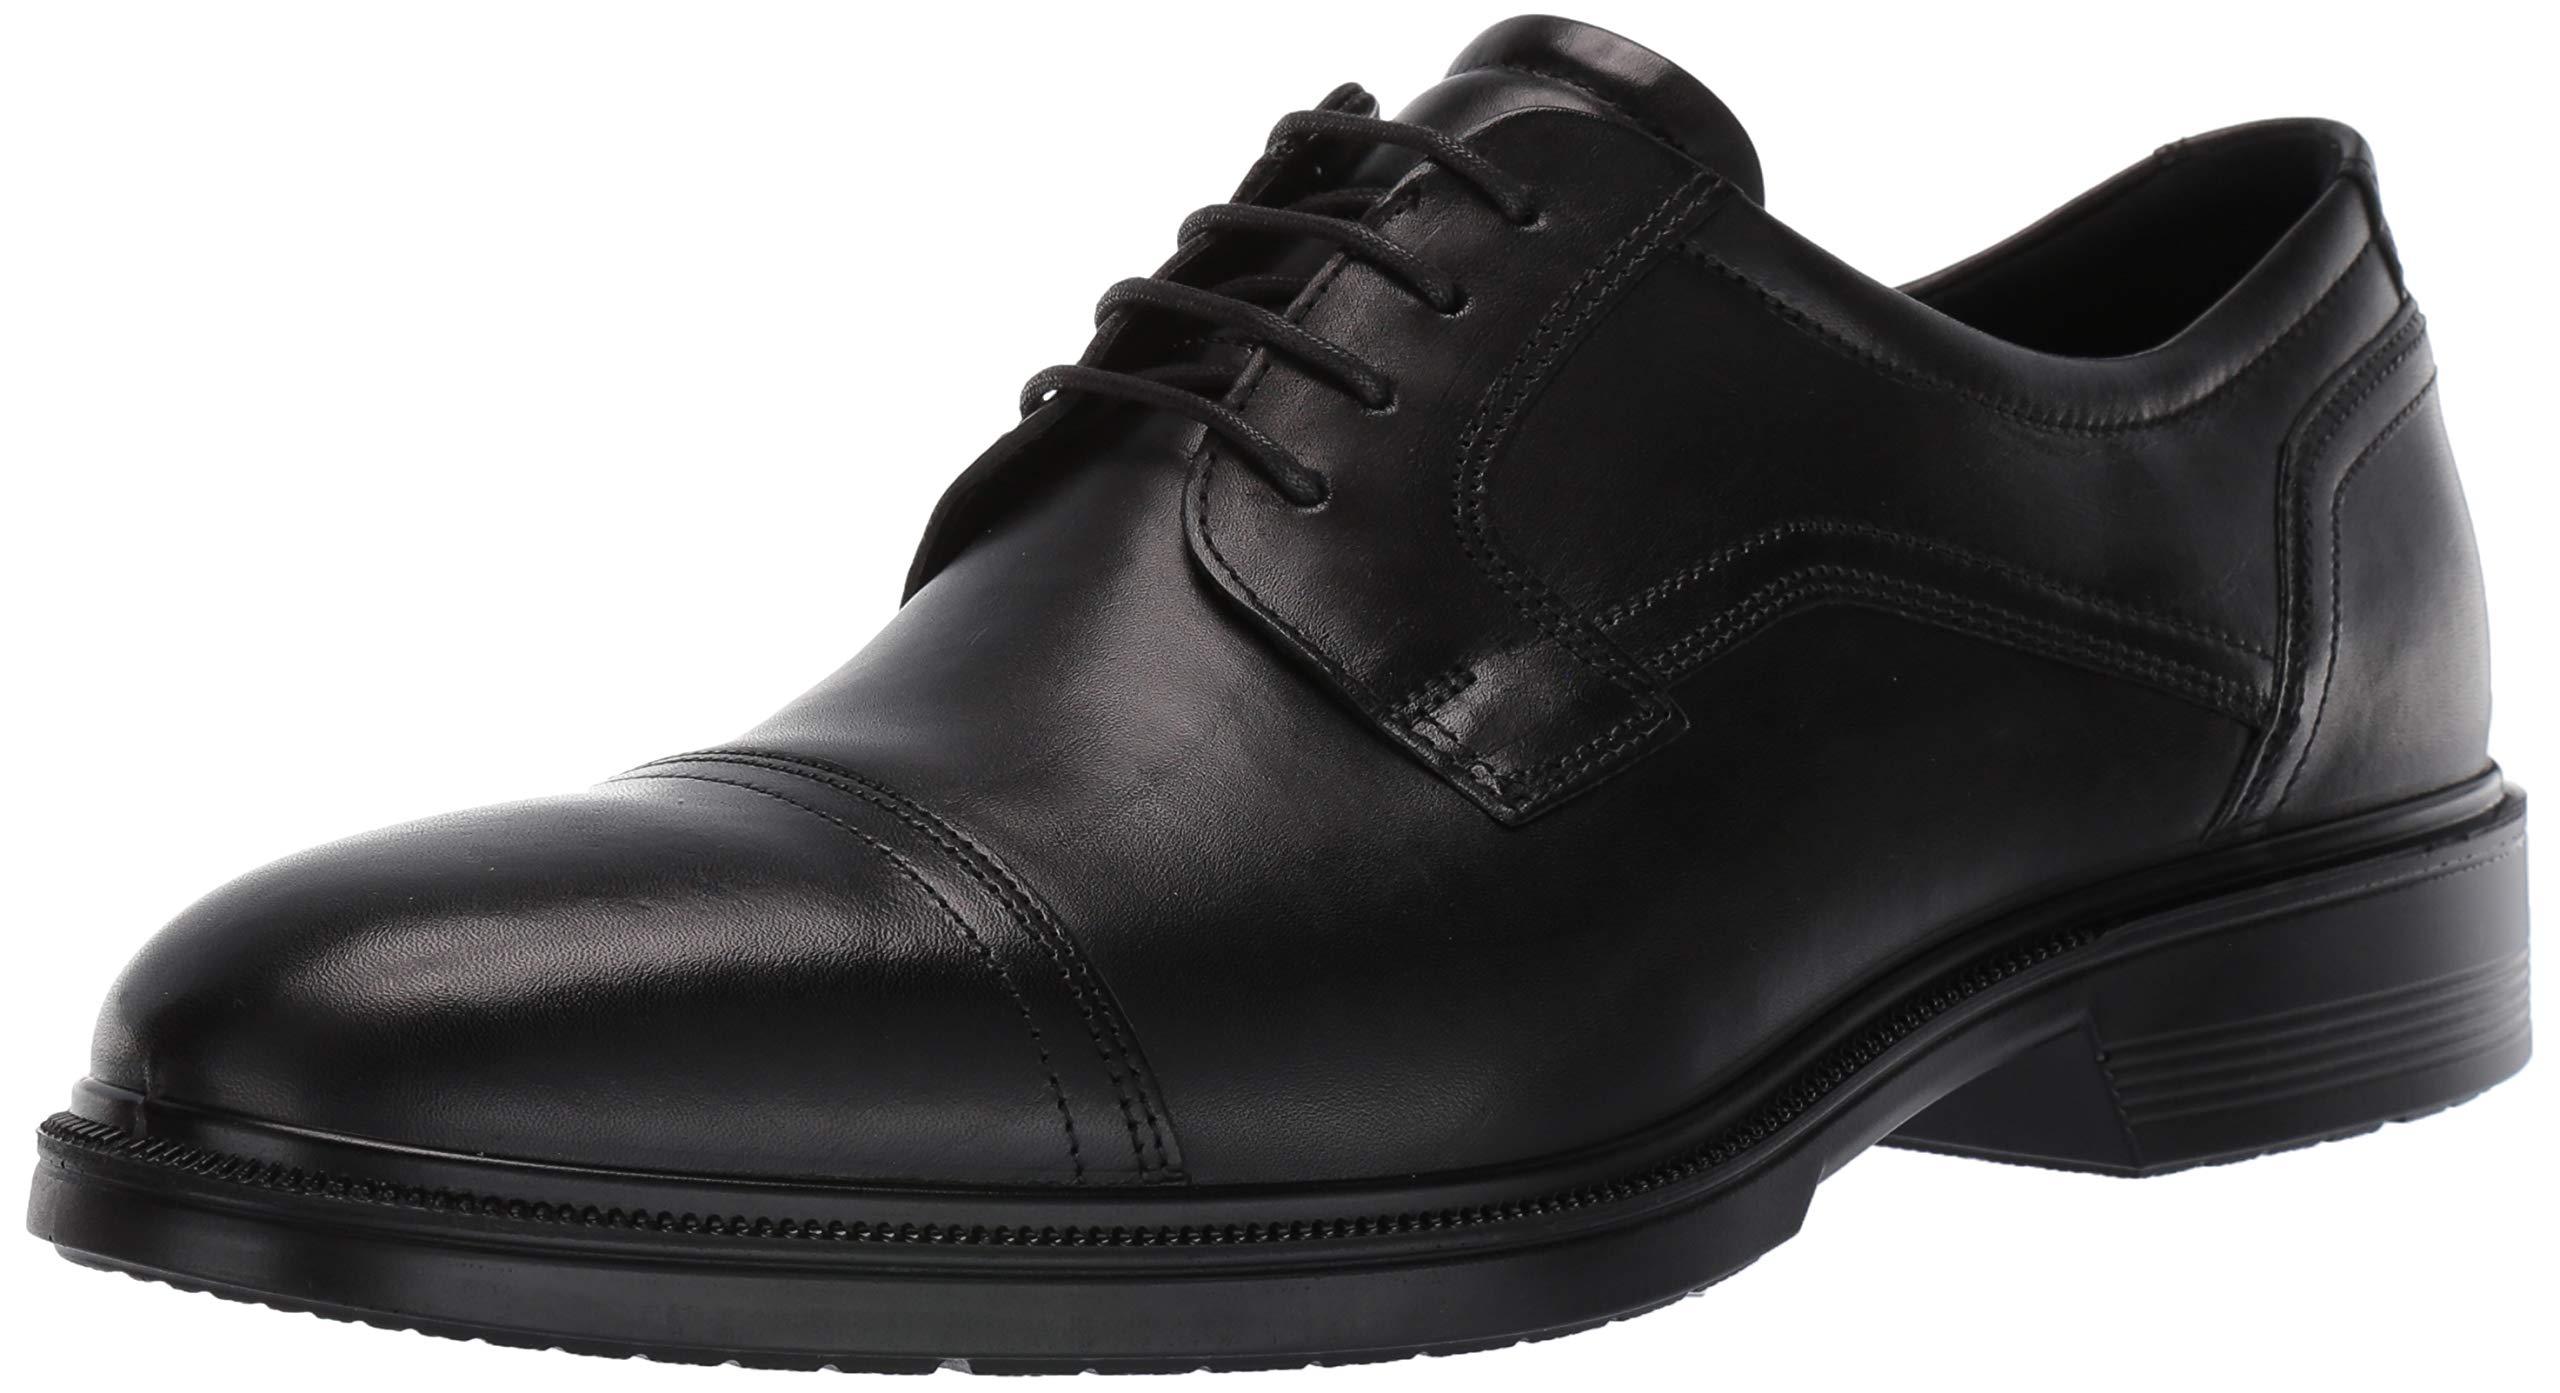 ECCO Men's Lisbon Cap Toe Tie Oxford, Black, 48 EU/14-14.5 M US by ECCO (Image #1)